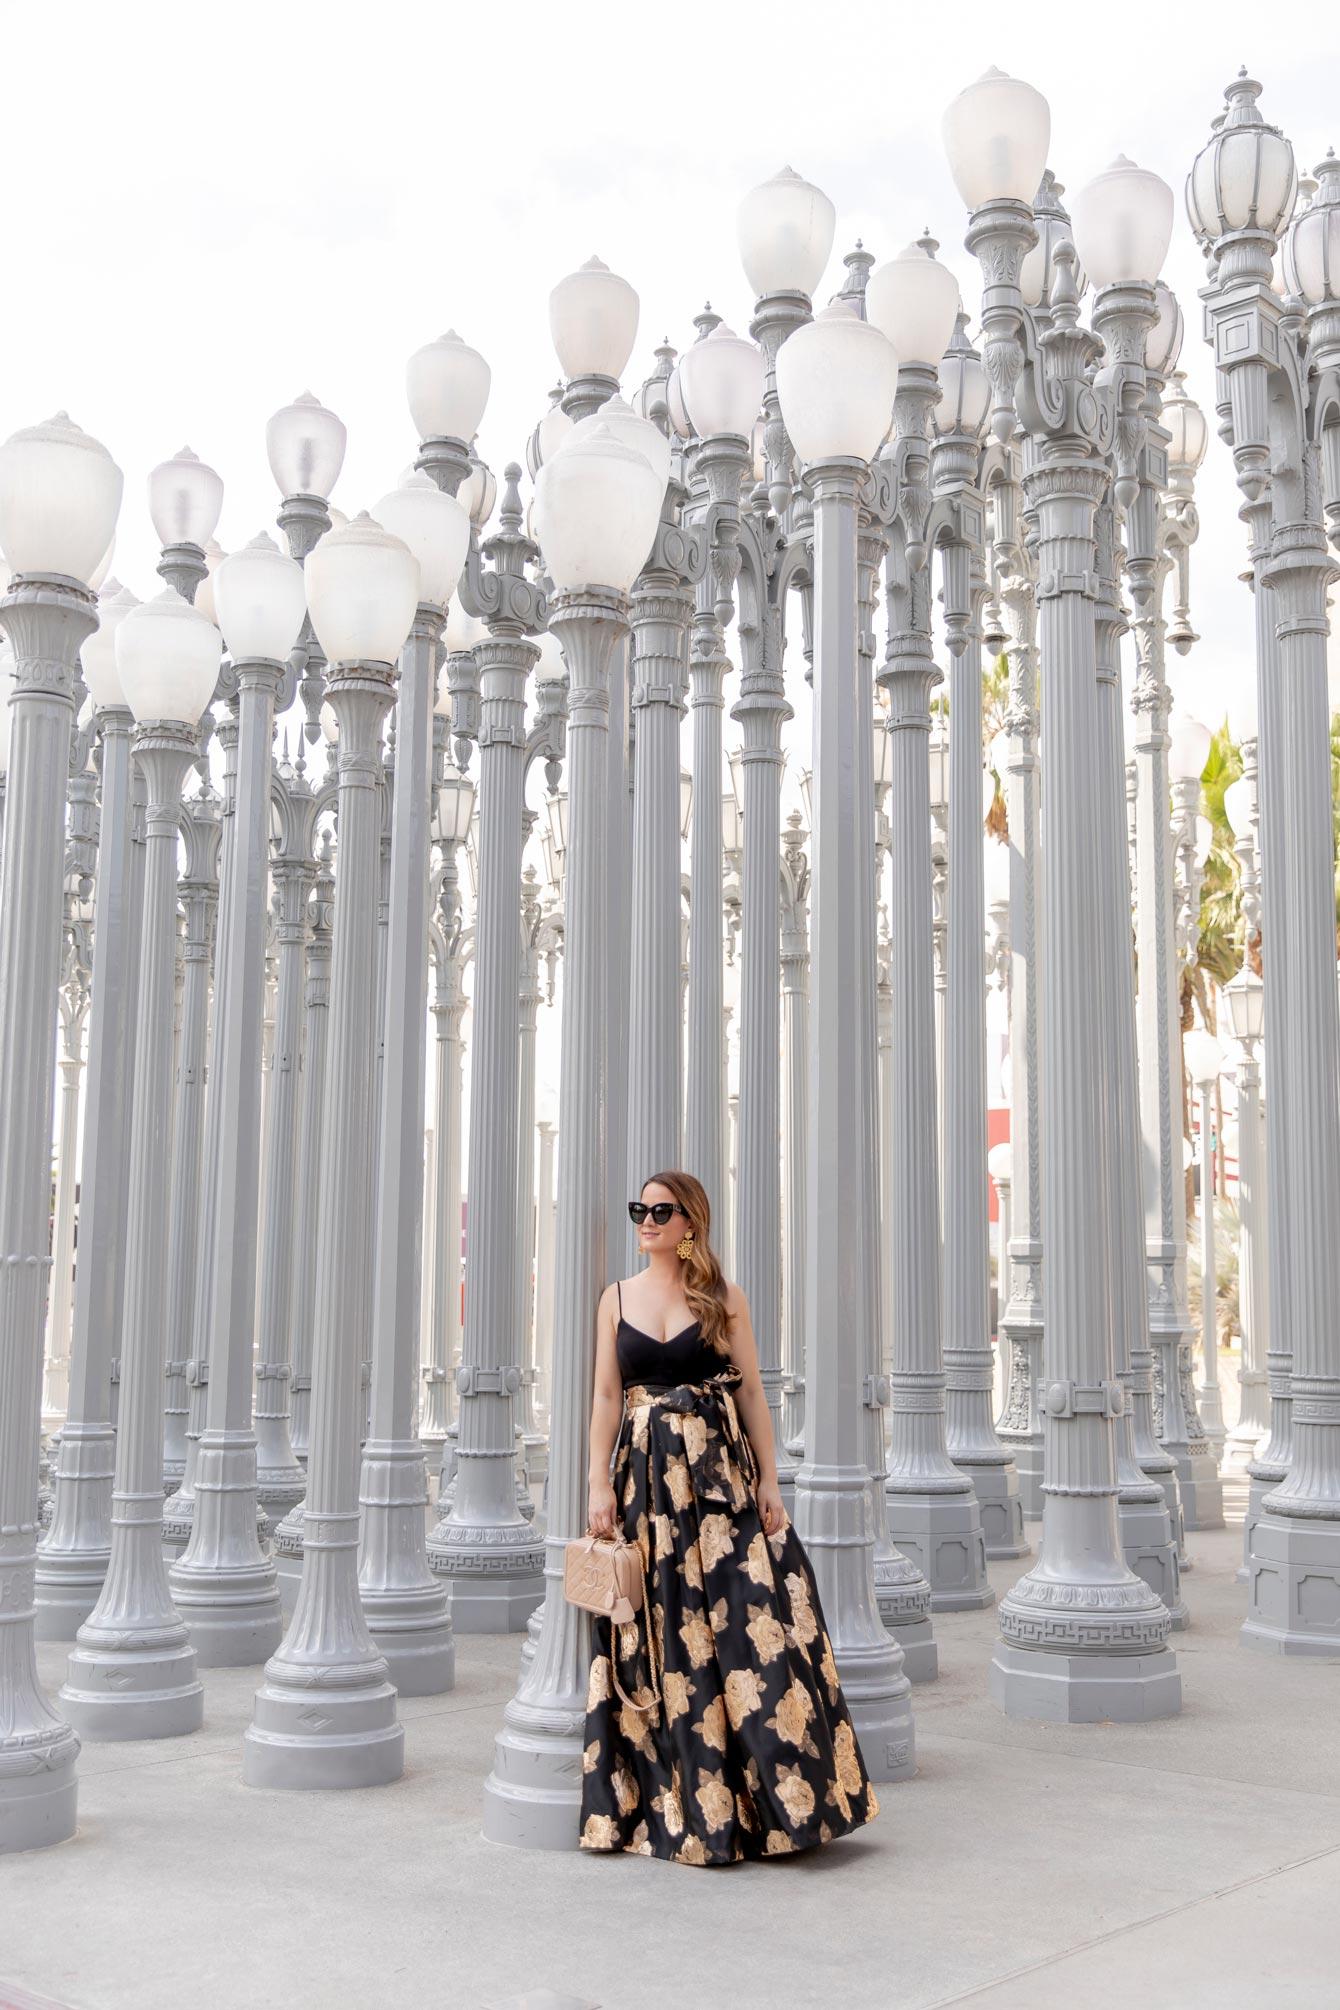 Los Angeles Lights Installation